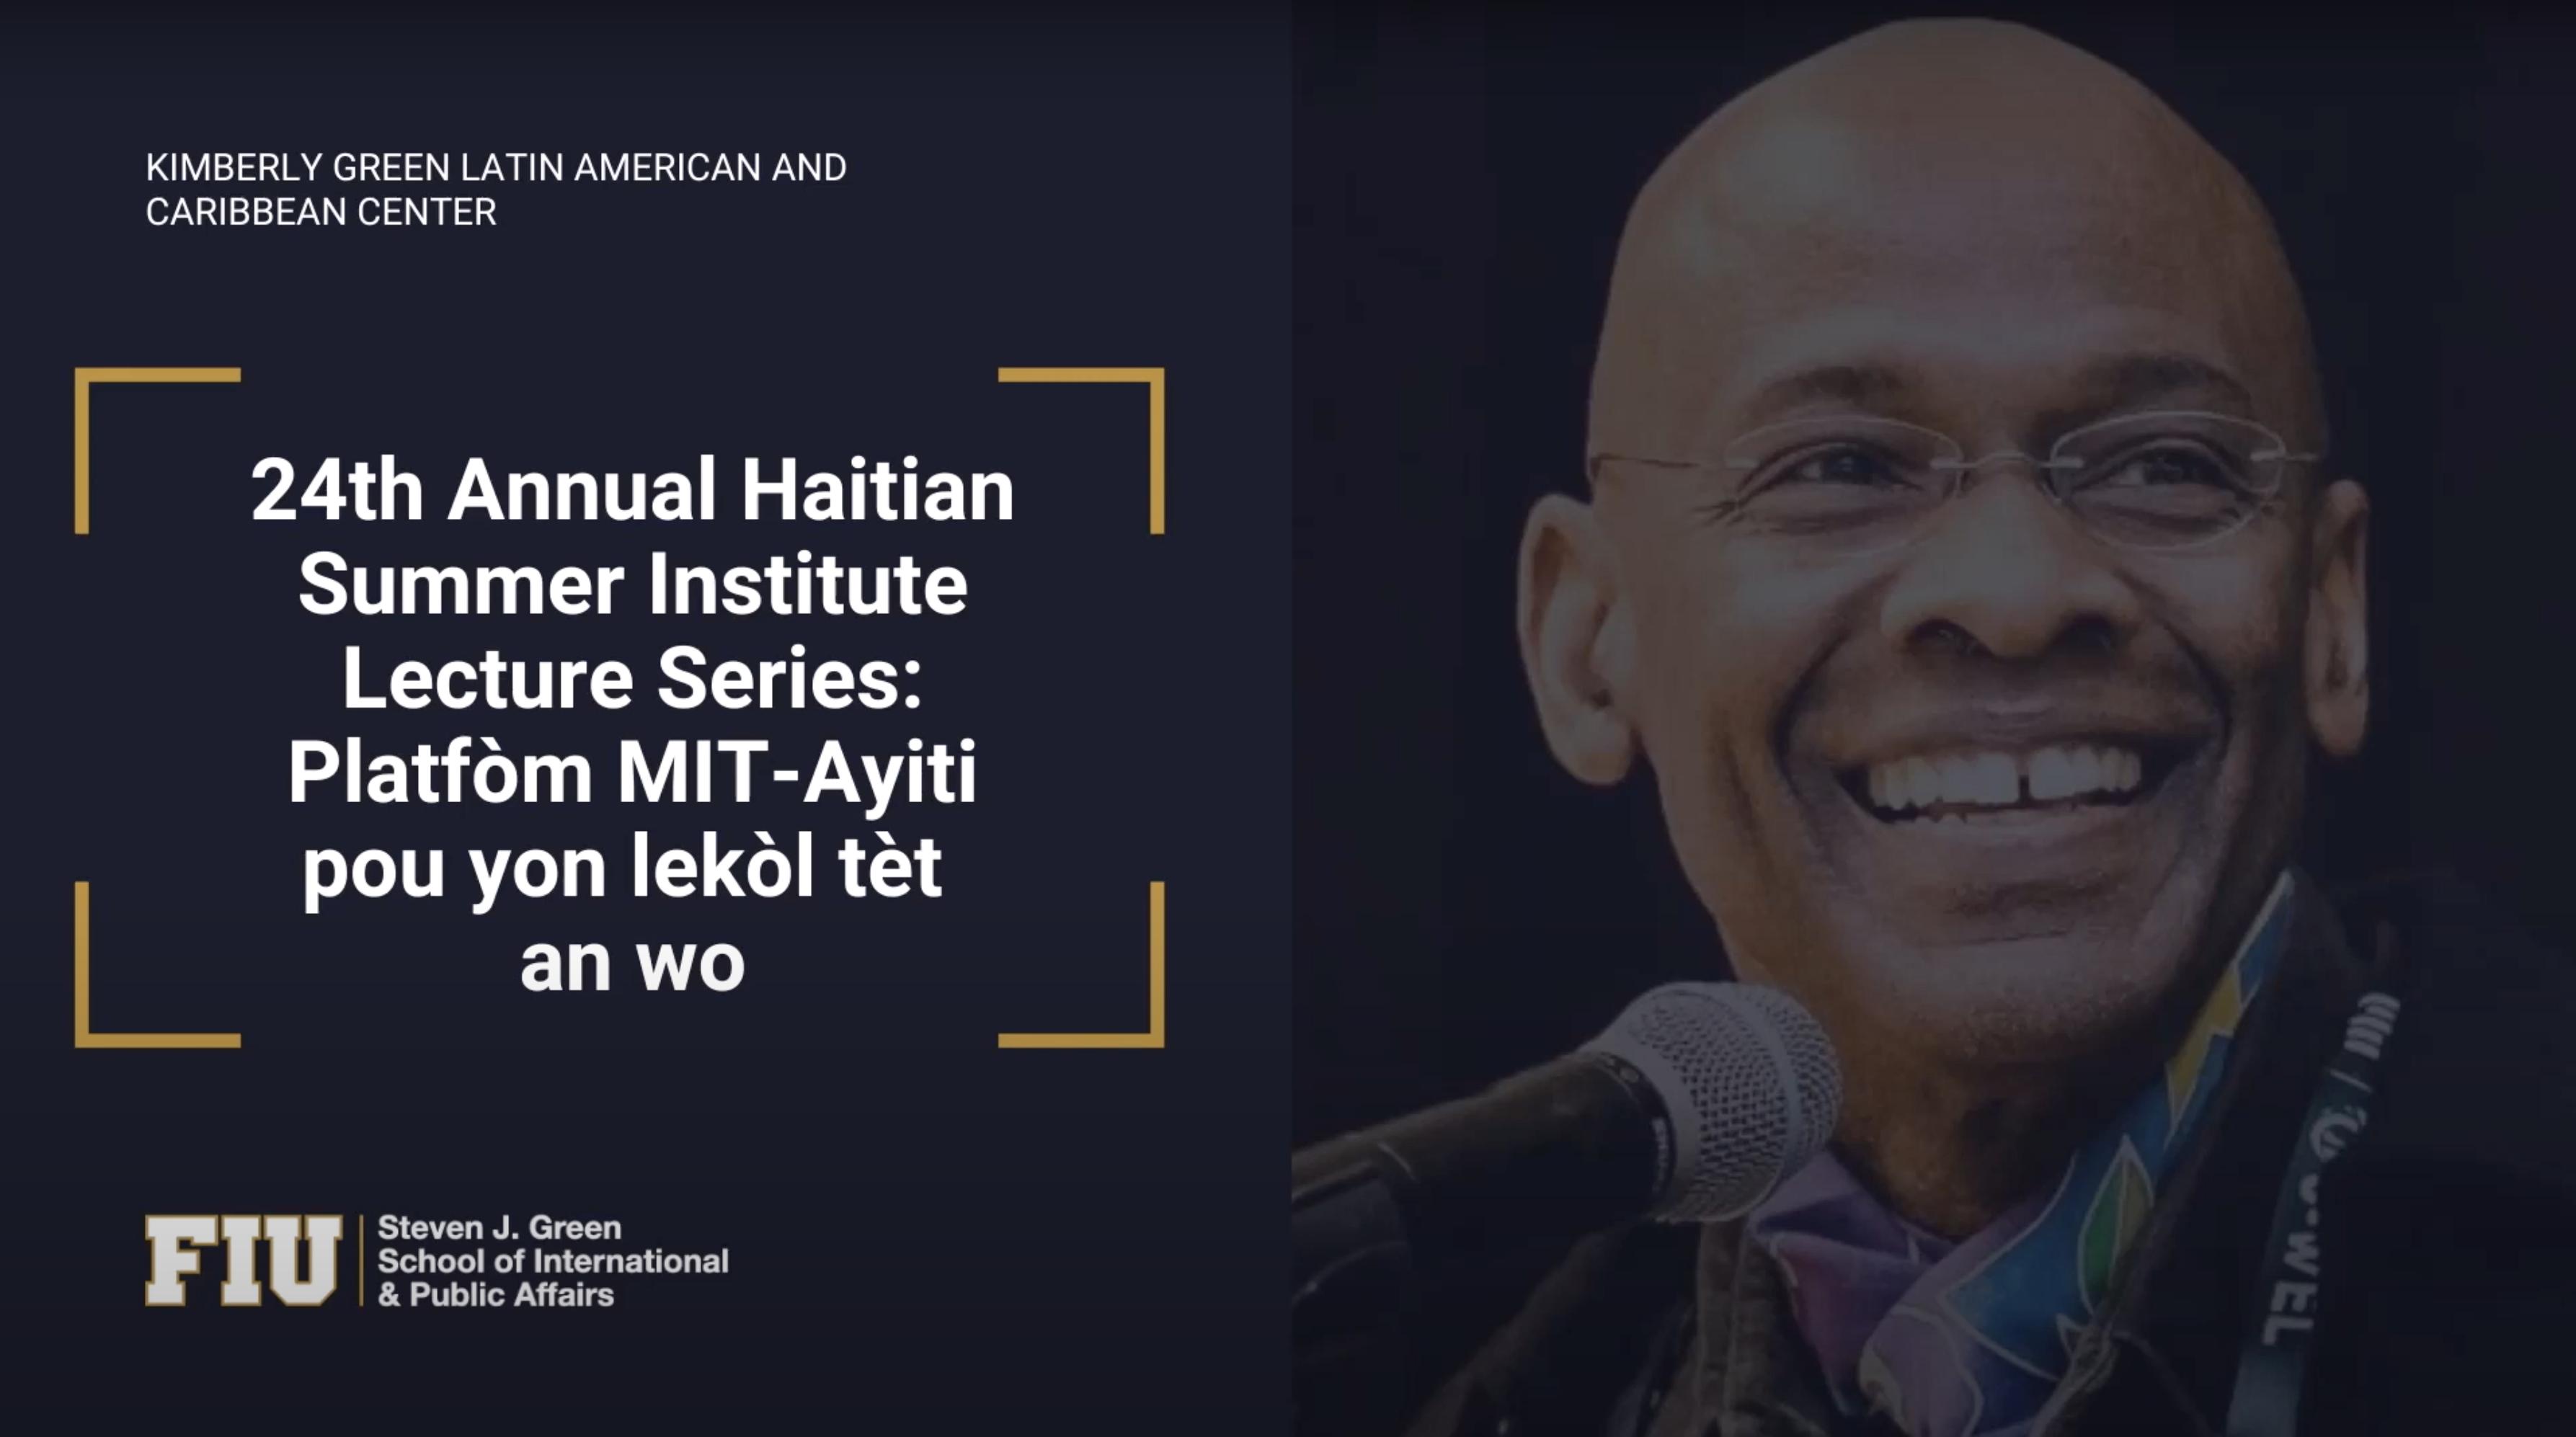 Konferans Michel DeGraff konsènan Platfòm MIT-Ayiti